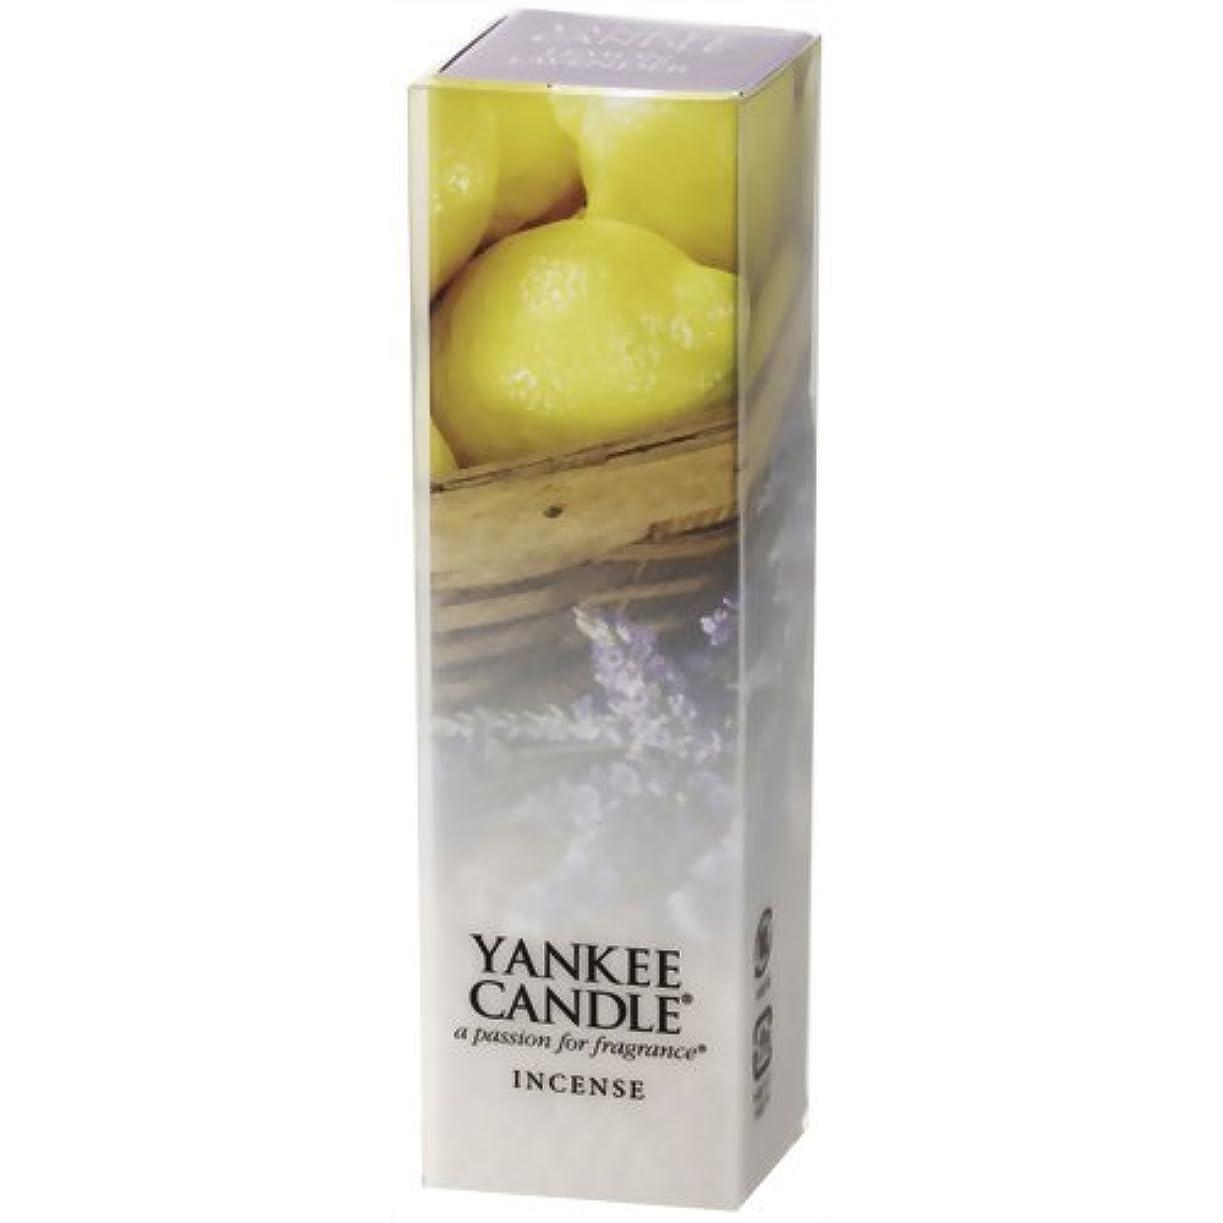 背骨ご予約誕生YANKEE CANDLE(ヤンキーキャンドル) YCインセンス レモン ラベンダー